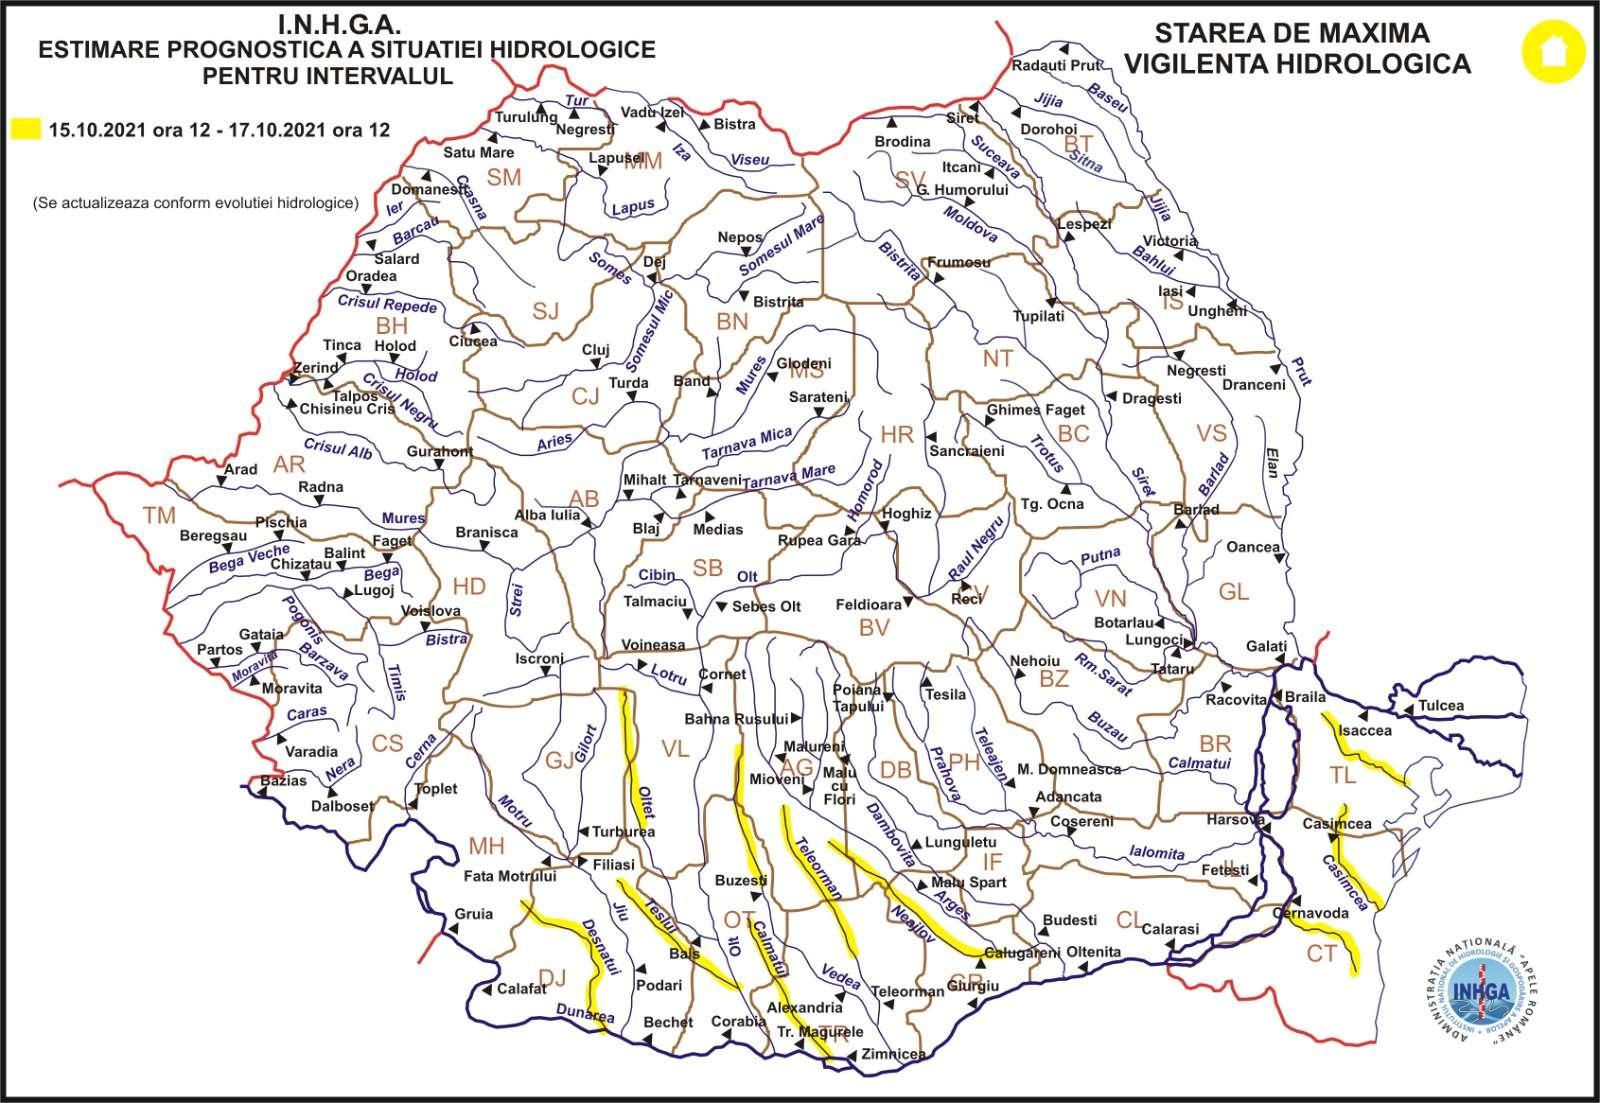 Institutul Național de Hidrologie și Gospodărire a Apelor a emis mesaj de atentionare hidrologică valabilă pentru județul Dâmbovița